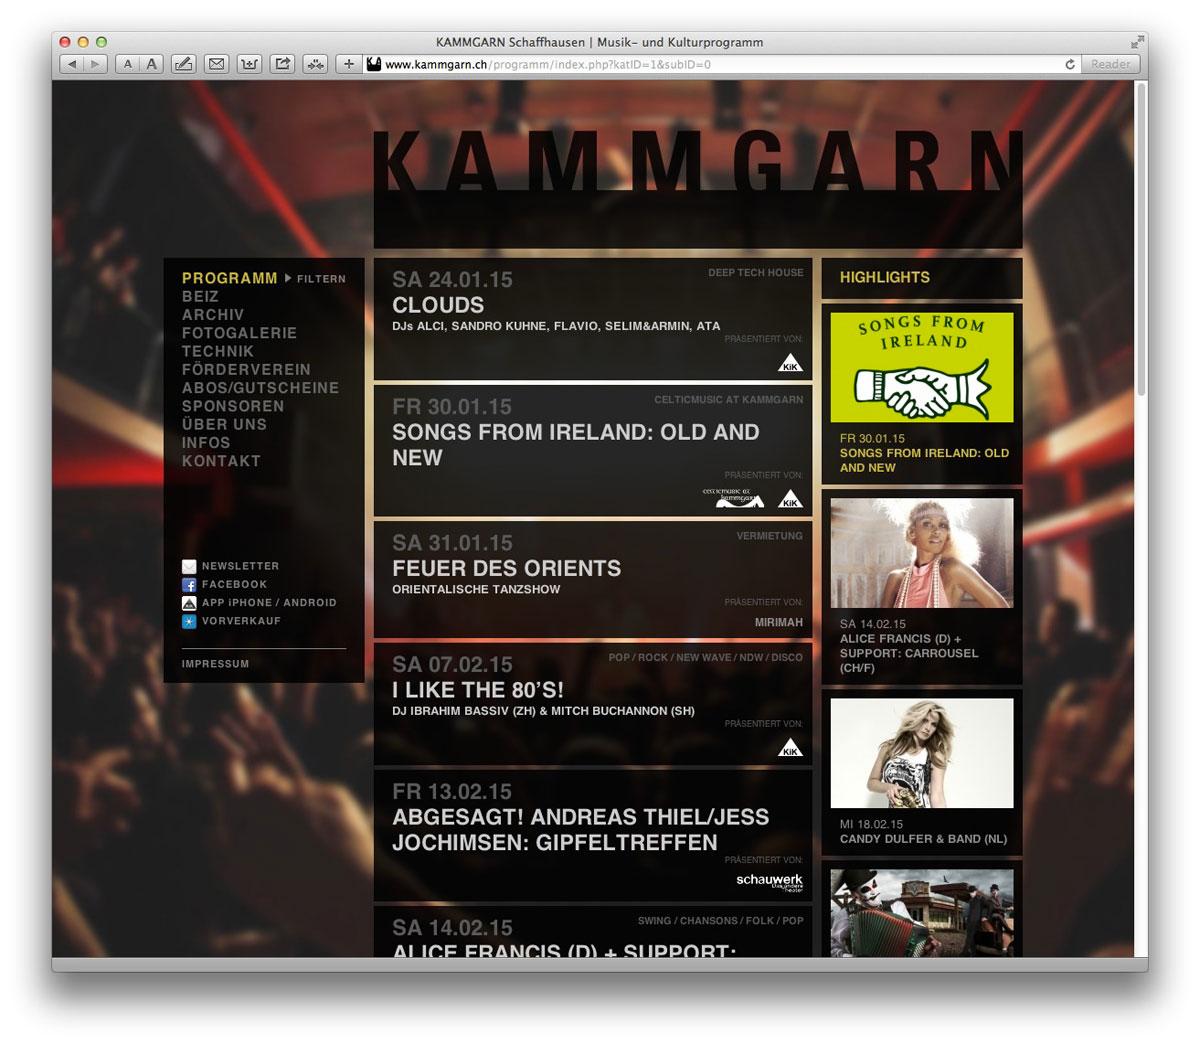 Website_Kammgarn_Schaffhausen_1